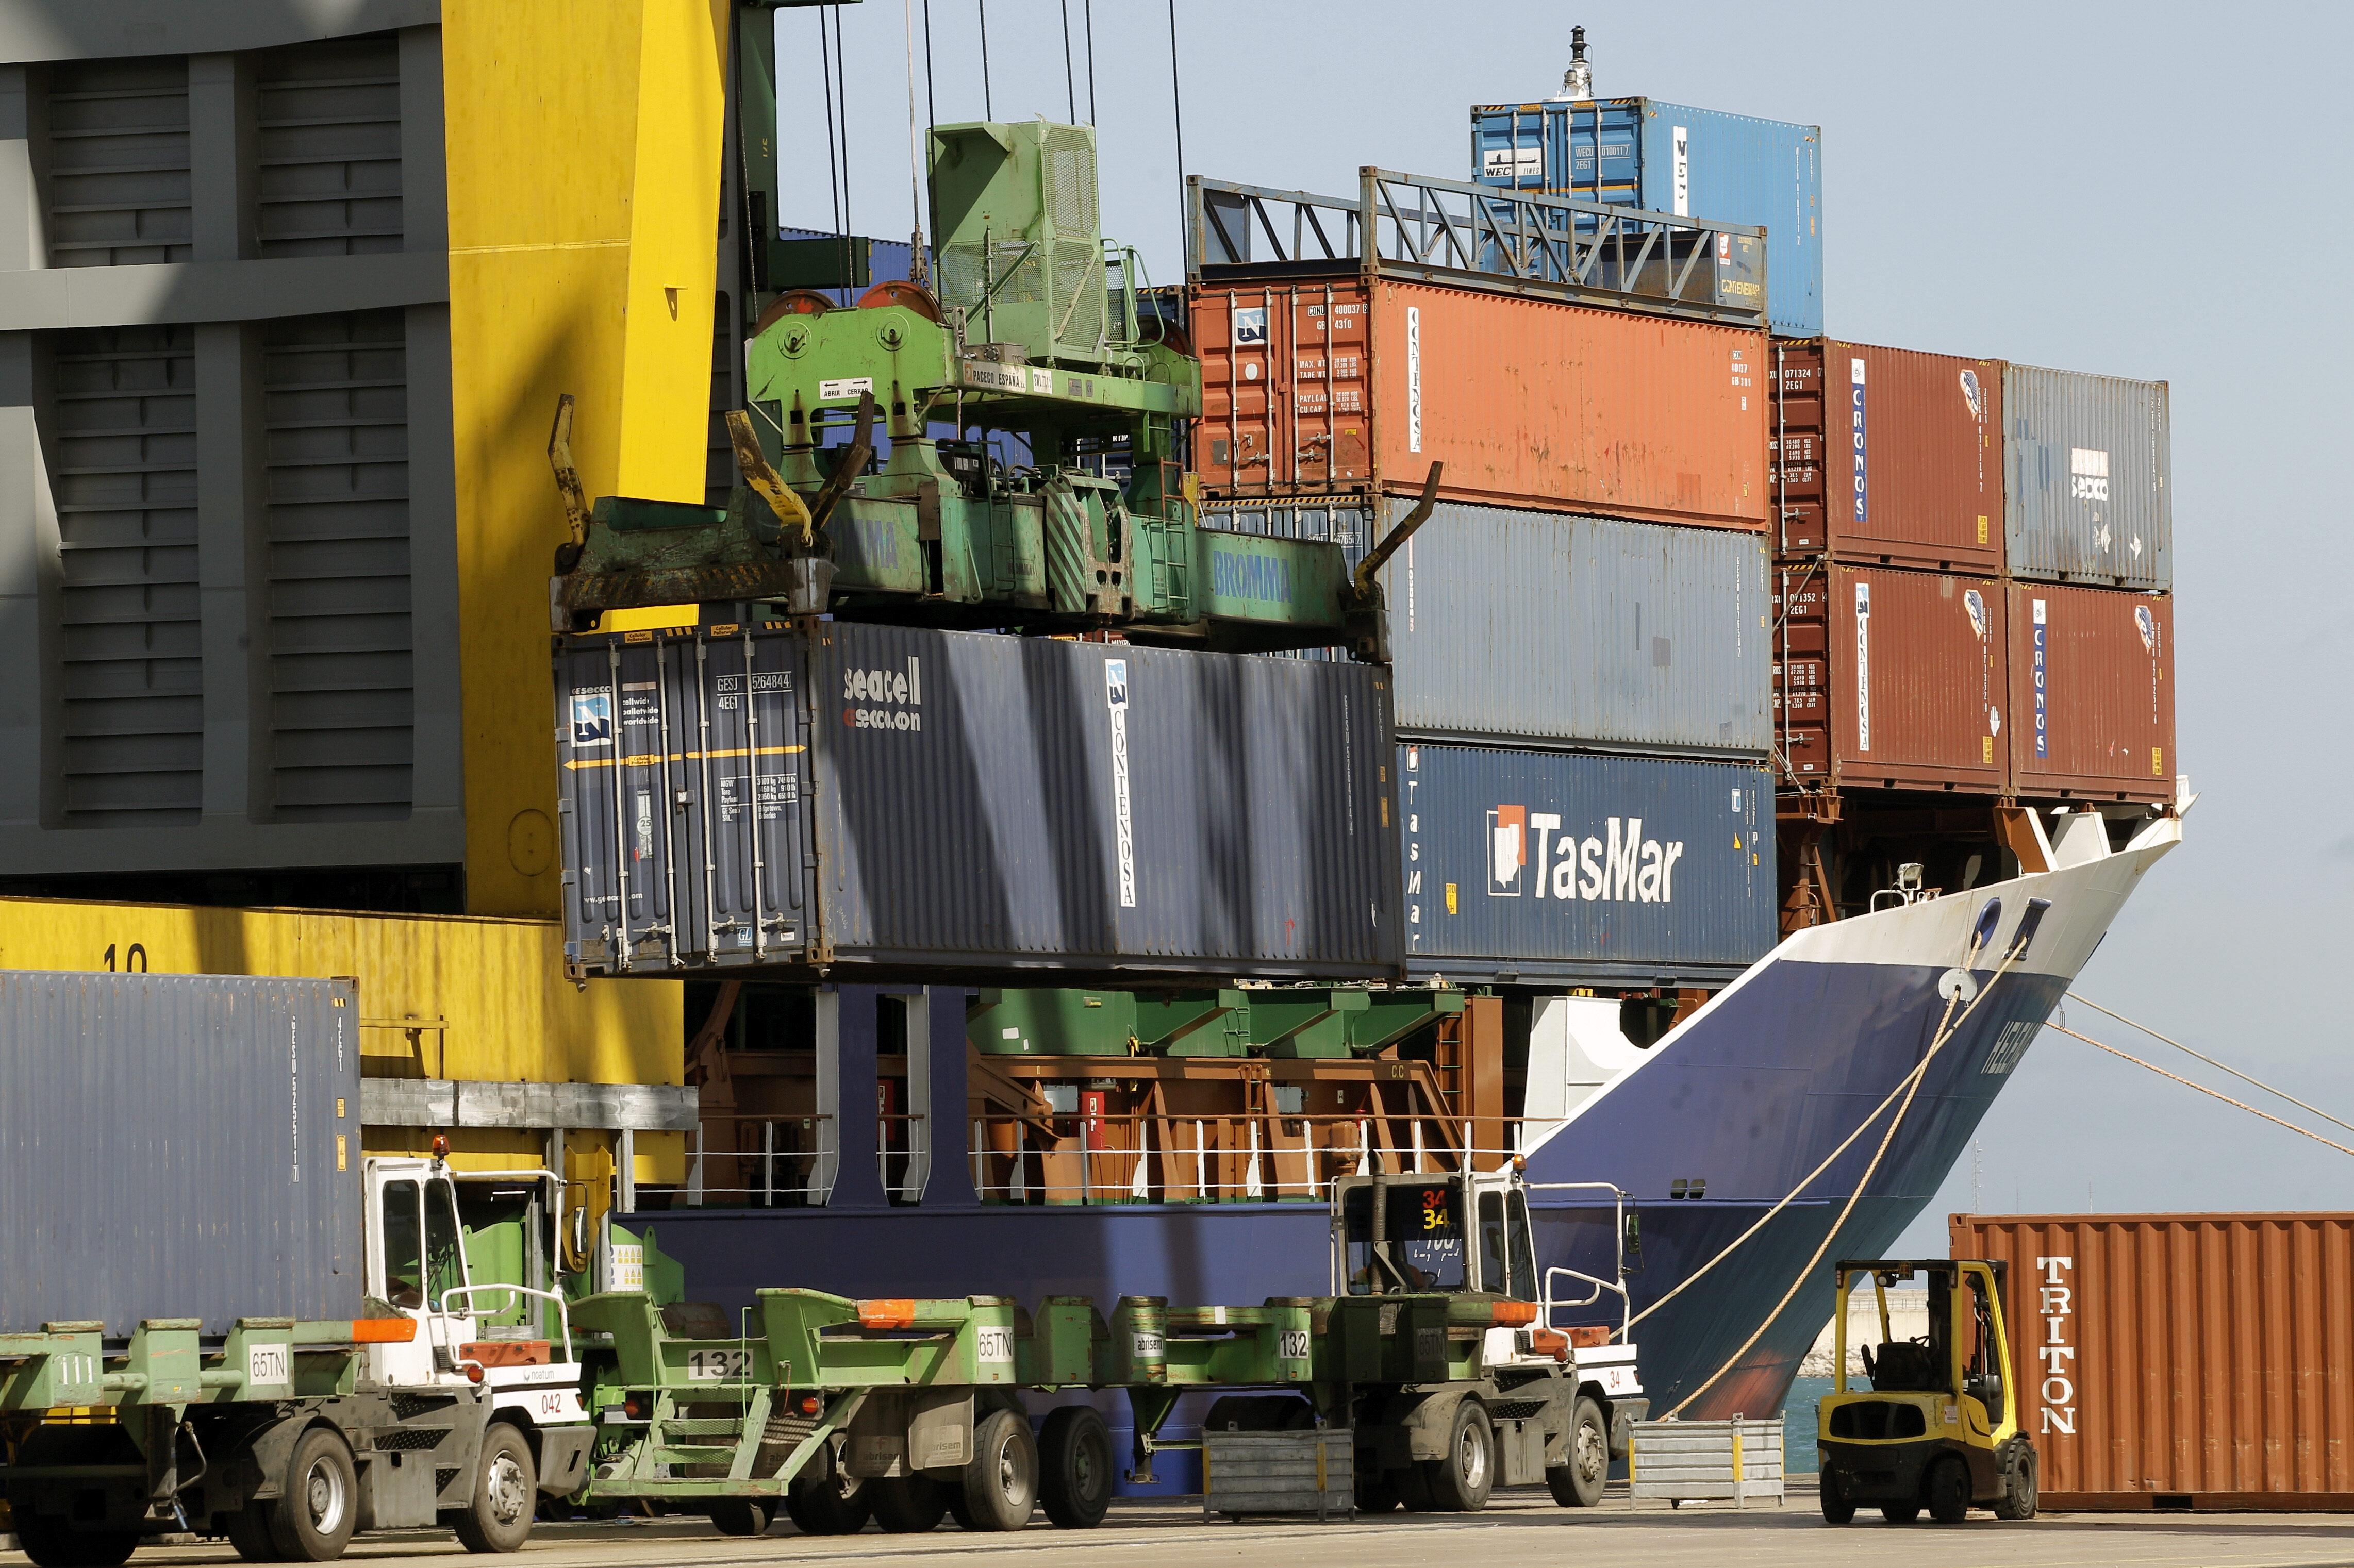 La inflación industrial sube 1,4 puntos, al 0,8 por ciento, tras 8 meses de caída